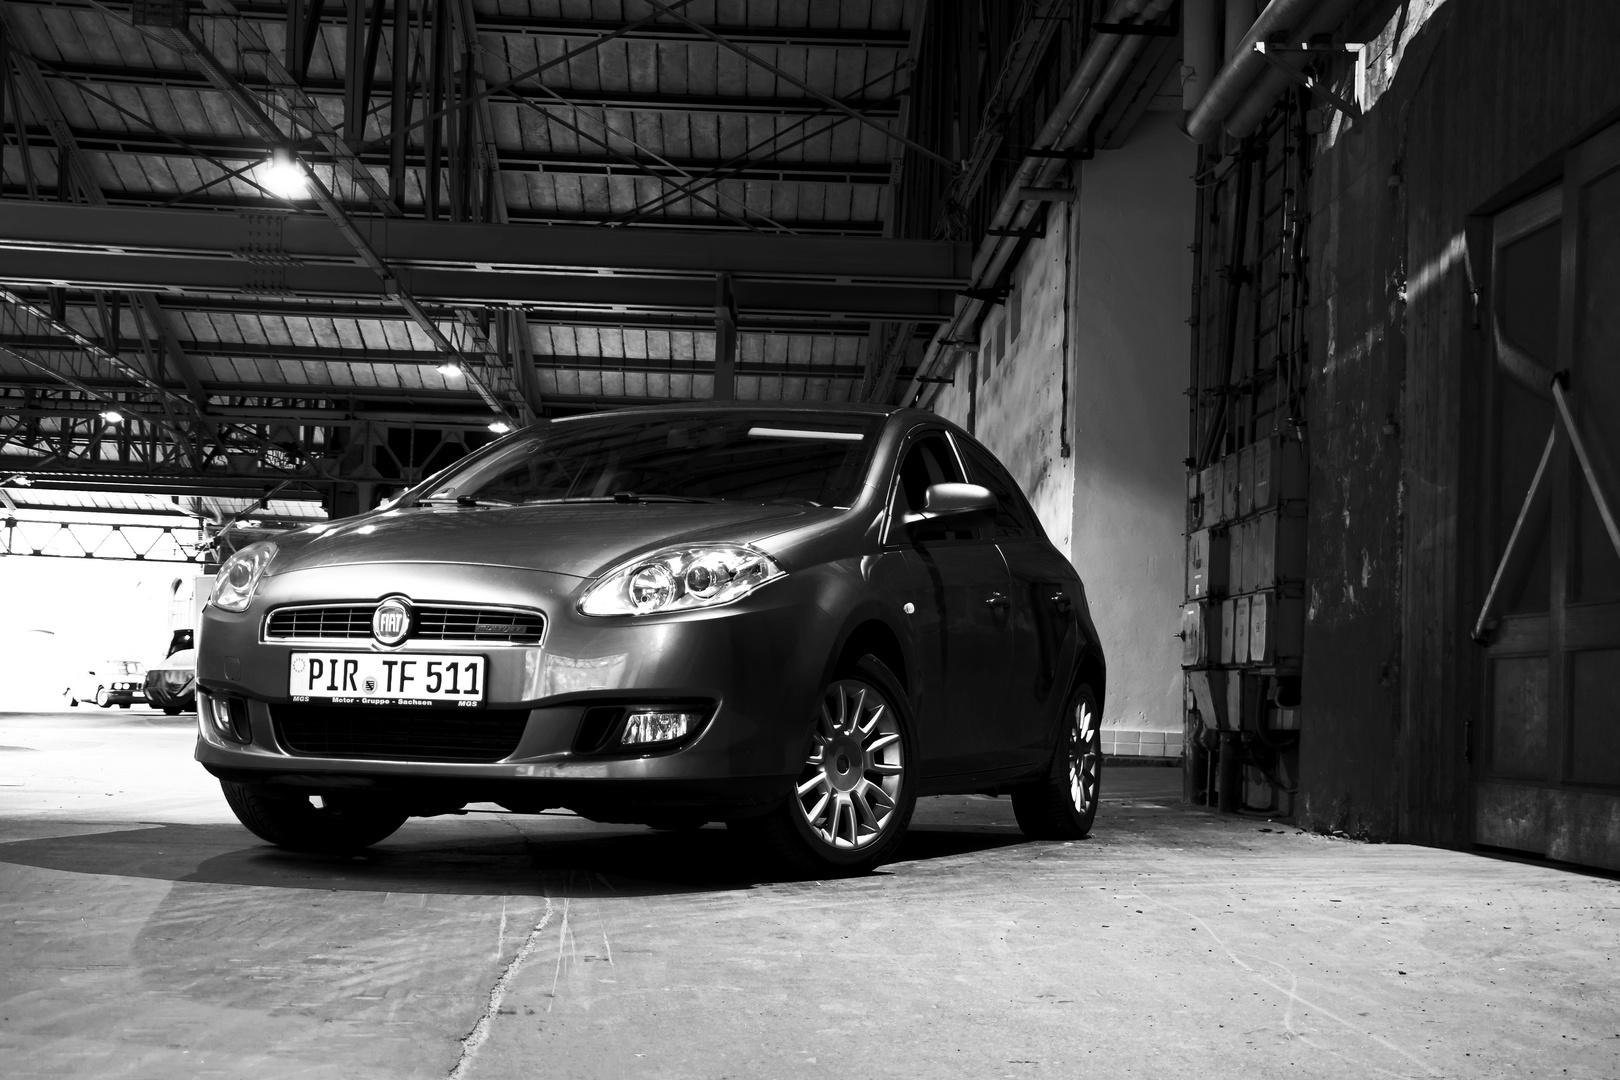 Noch ein neues Bild meines Autos:-)